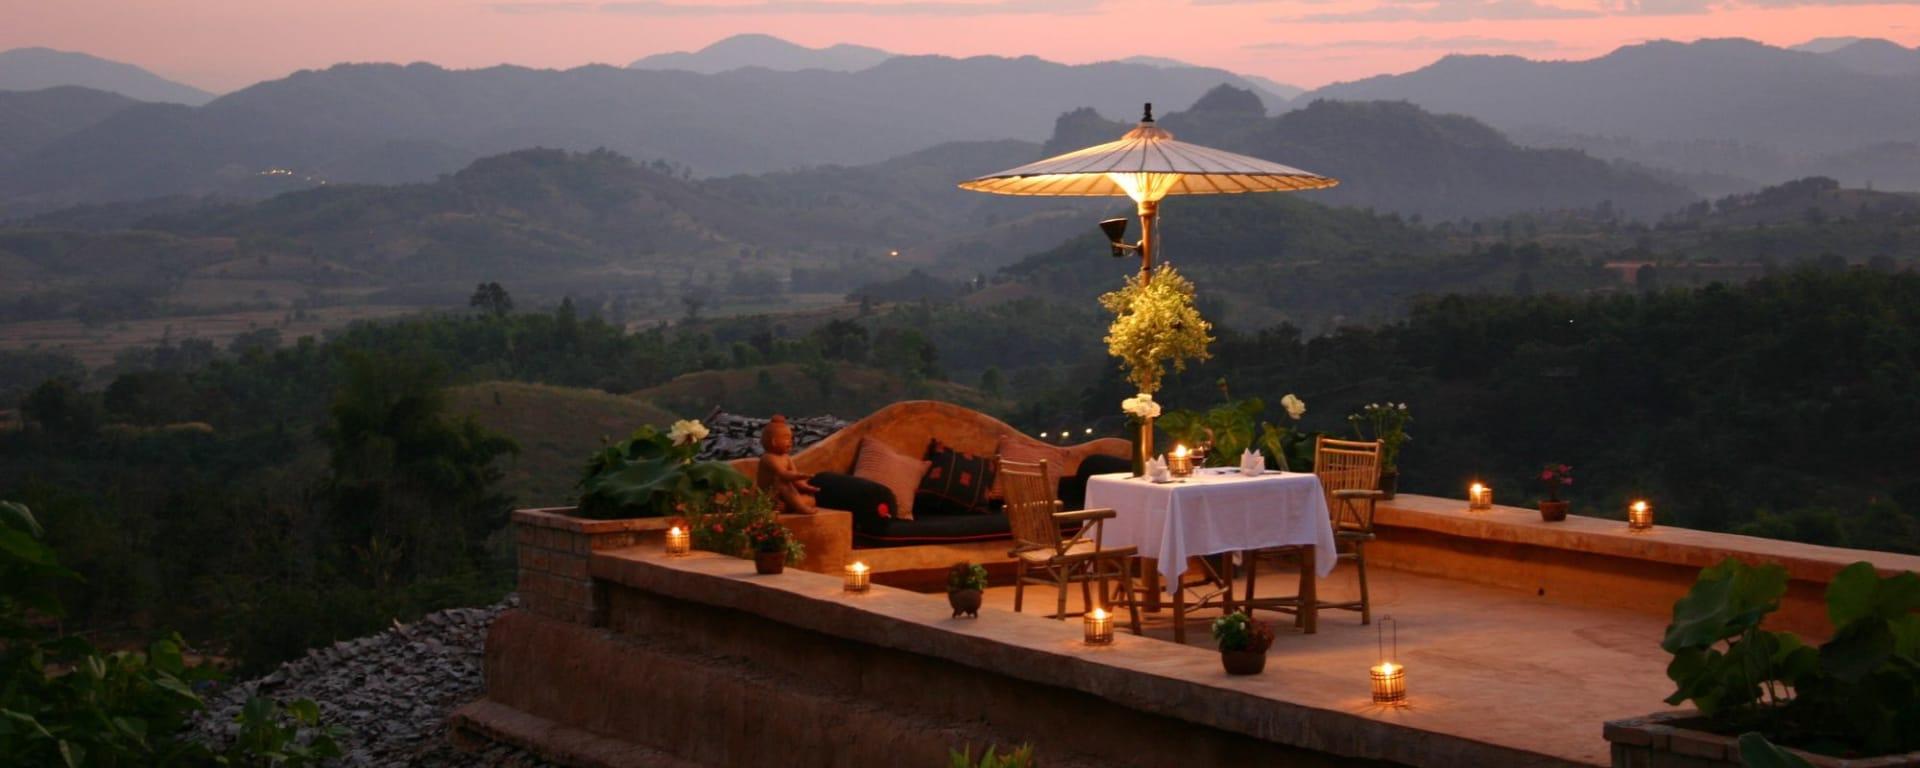 Au fil du Mékong cap sur Luang Prabang de Chiang Mai: Golden Triangle: Phu Chaisai Resort